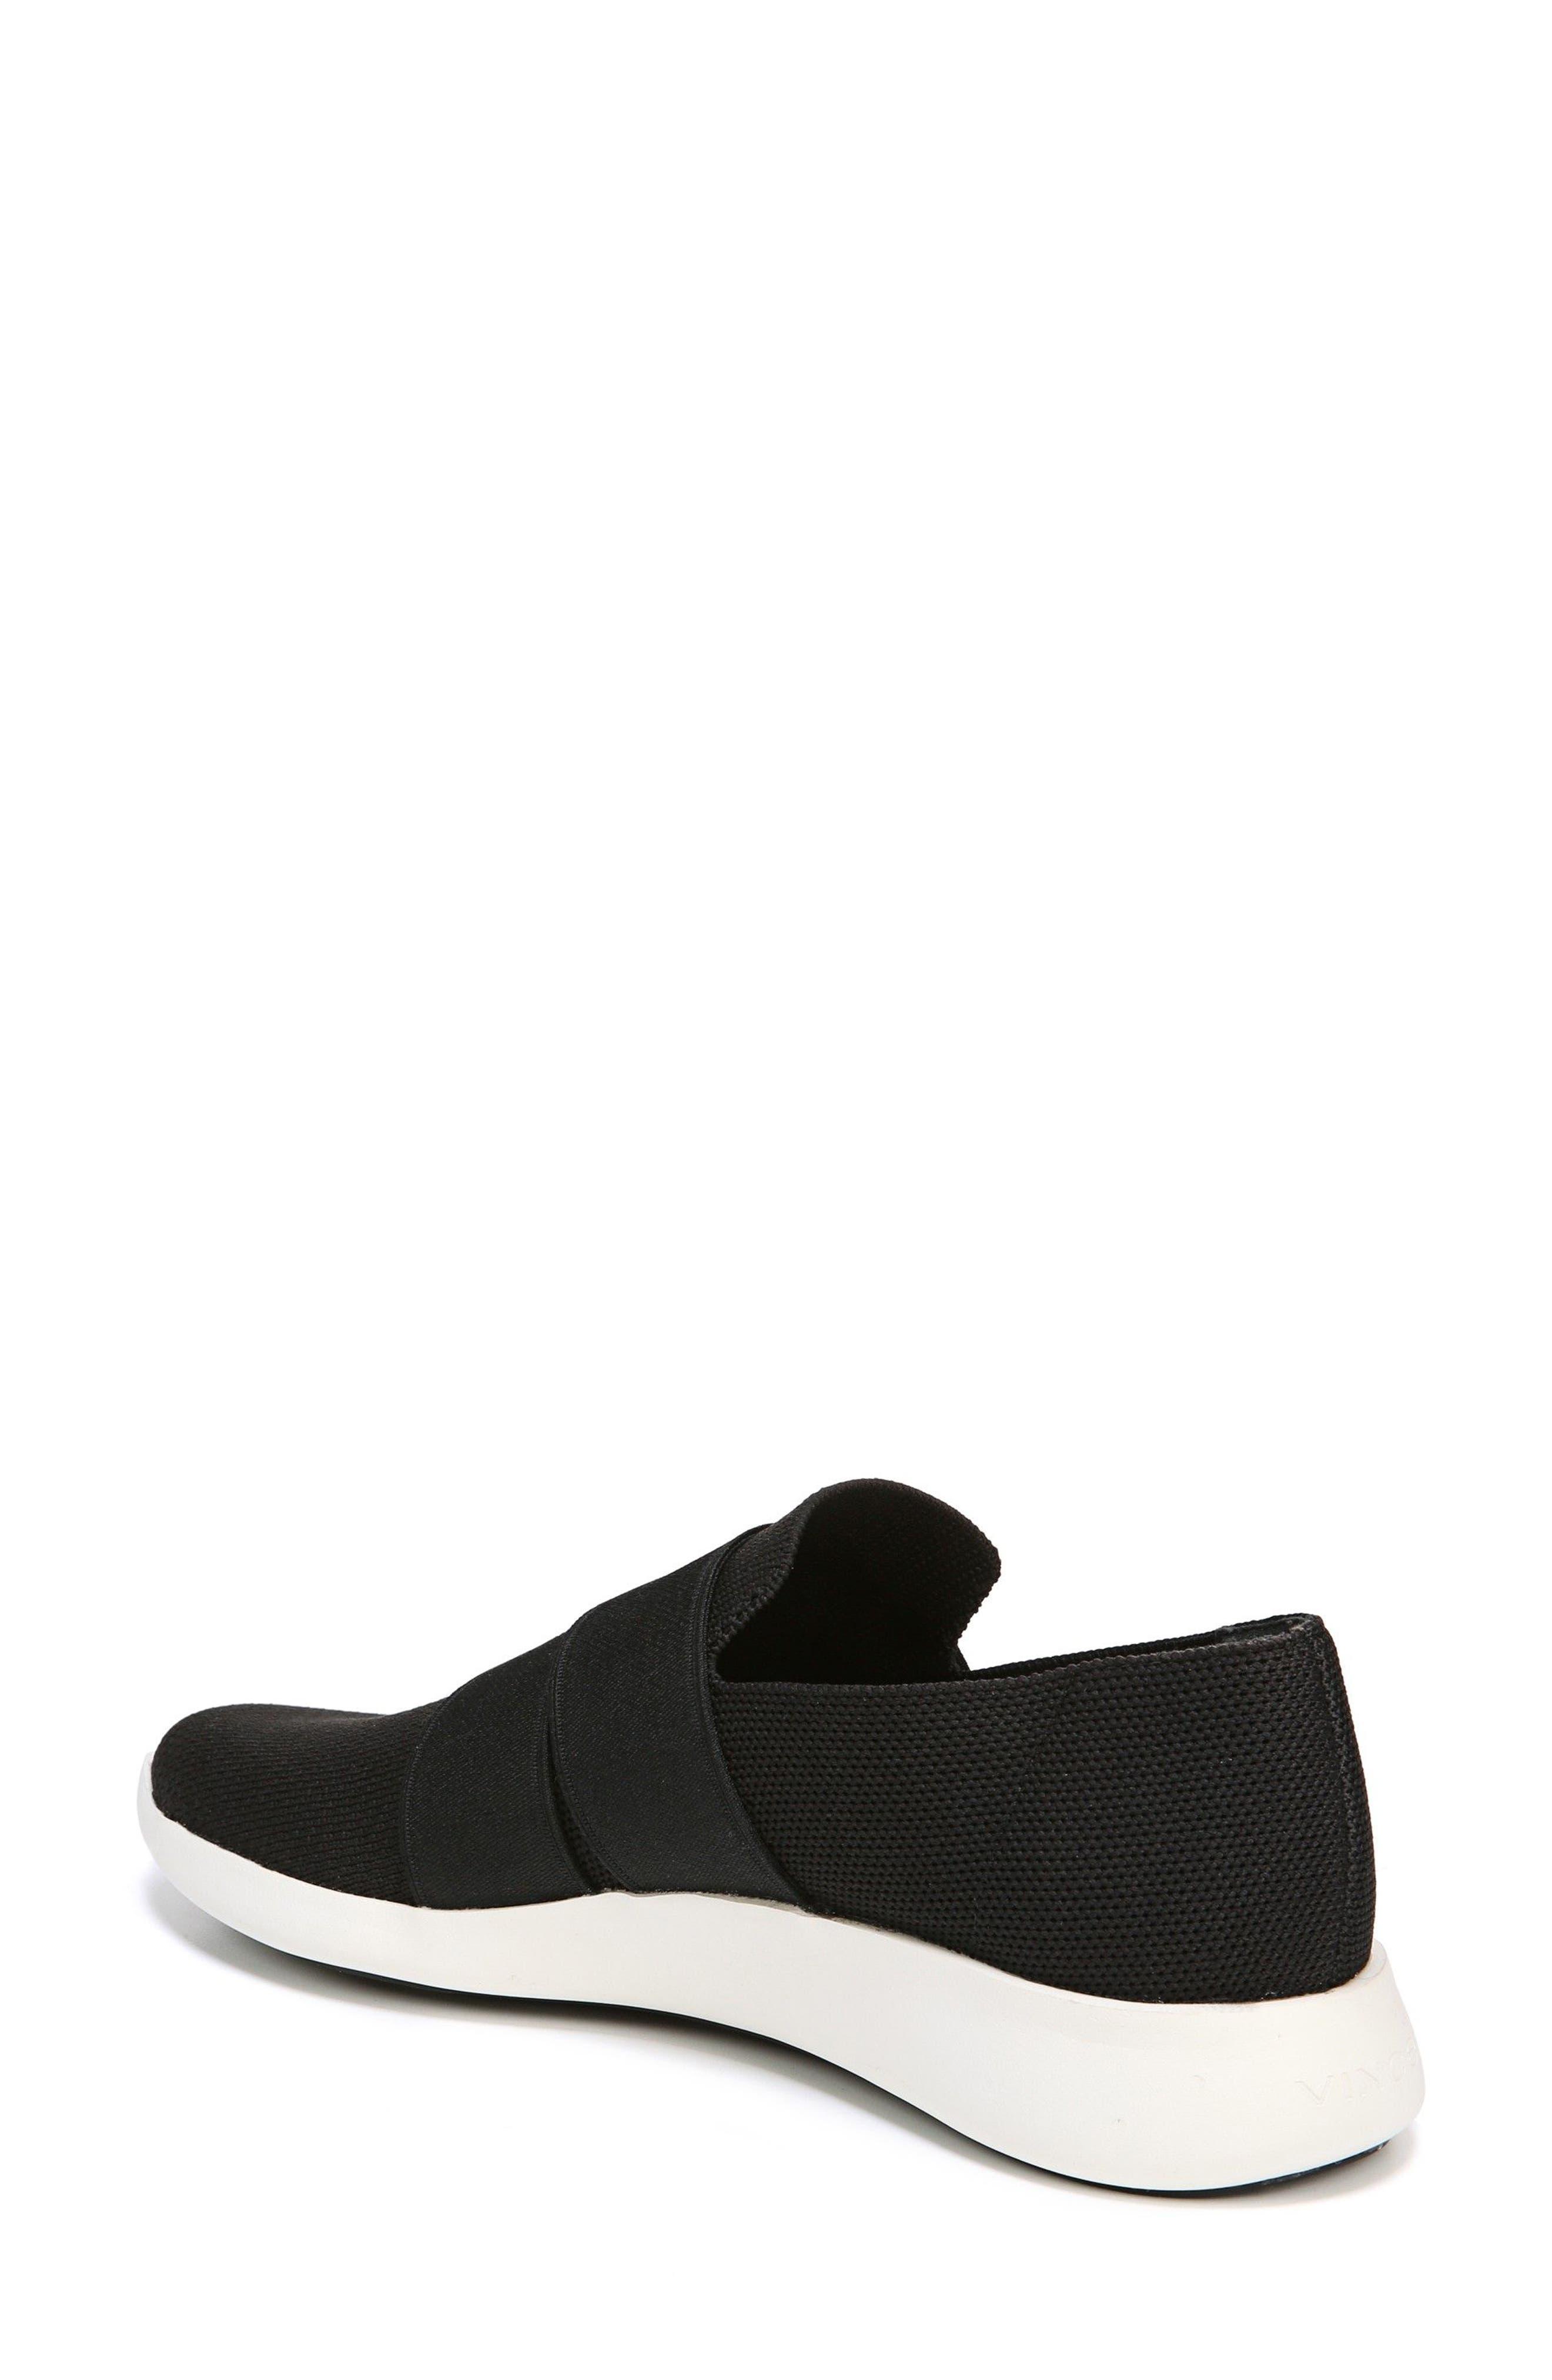 Aston Slip-On Sneaker,                             Alternate thumbnail 2, color,                             BLACK SOLID KNIT